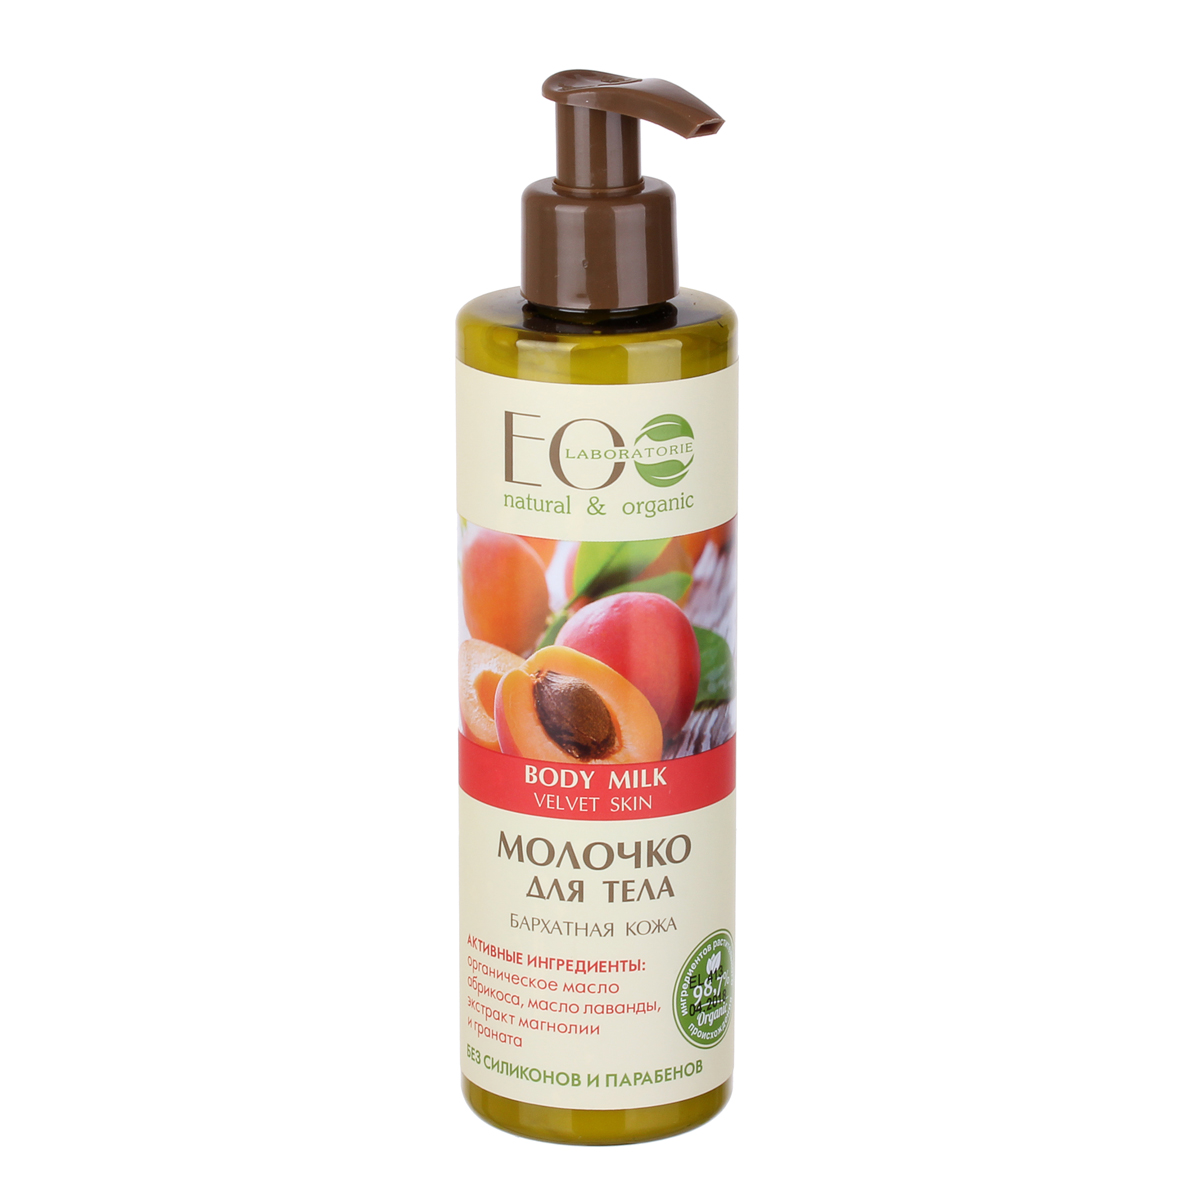 EO laboratorie Молочко для тела Бархатная кожа 250 мл4627089430878Способствует поддержанию молодости кожи, ее обновлению и восстановлению. Увлажняет, смягчает кожу, делает её шелковистой, препятствует обезвоживанию, нейтрализует вредное воздействие ультрафиолетовых лучей. Активные ингредиенты: органическое масло абрикоса, масло лаванды, экстракт магнолии и граната